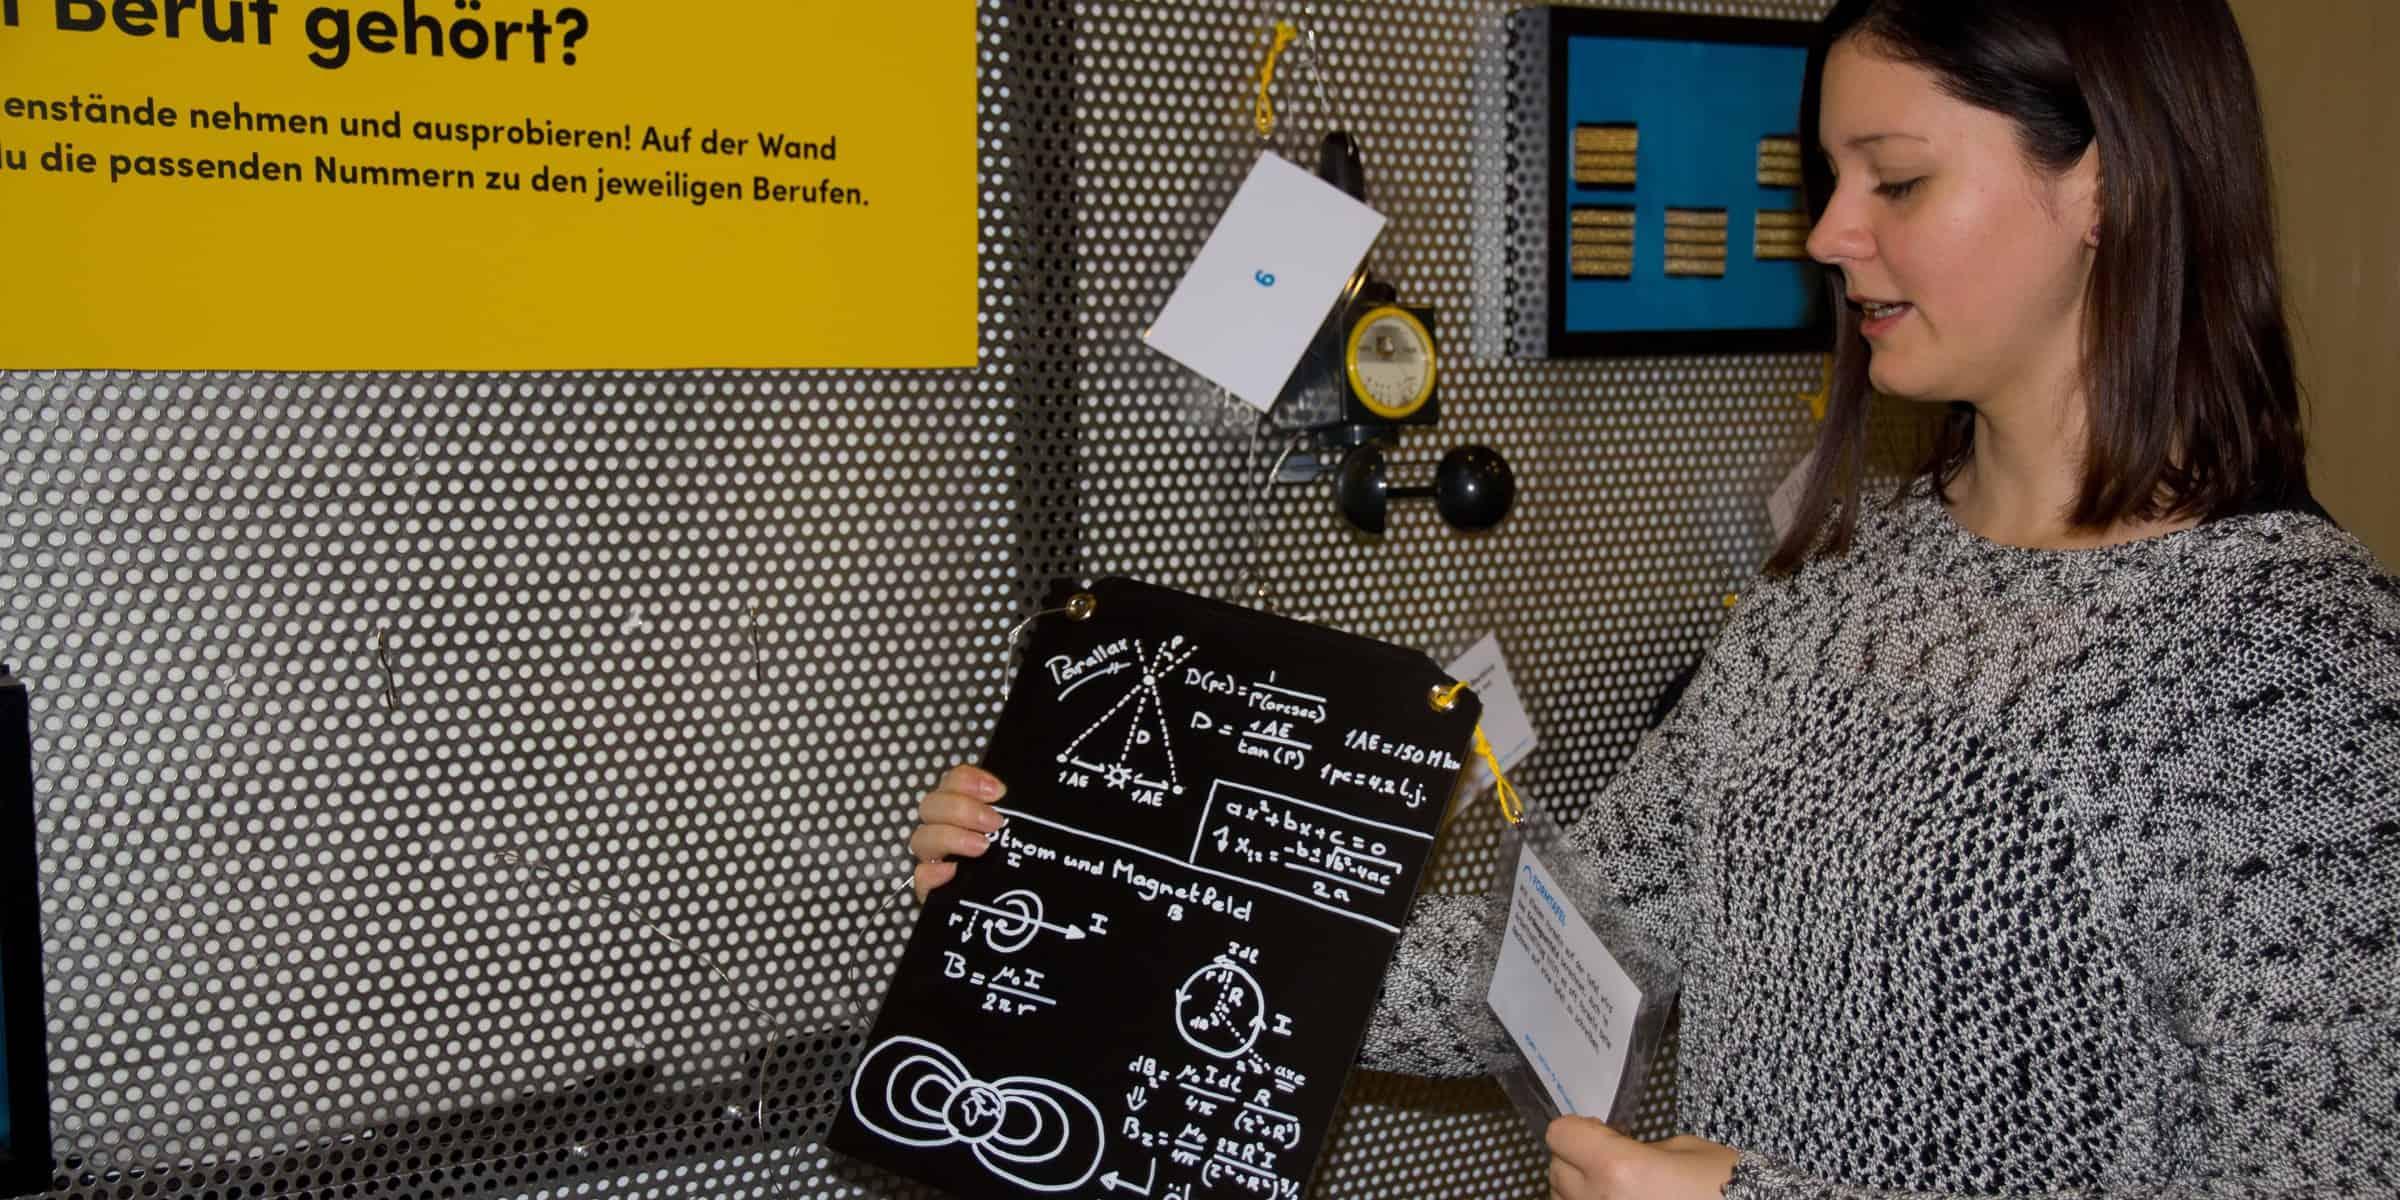 """Christina Hamedinger mit der Formtafel bei der Station """"Menschen dahinter"""" ."""